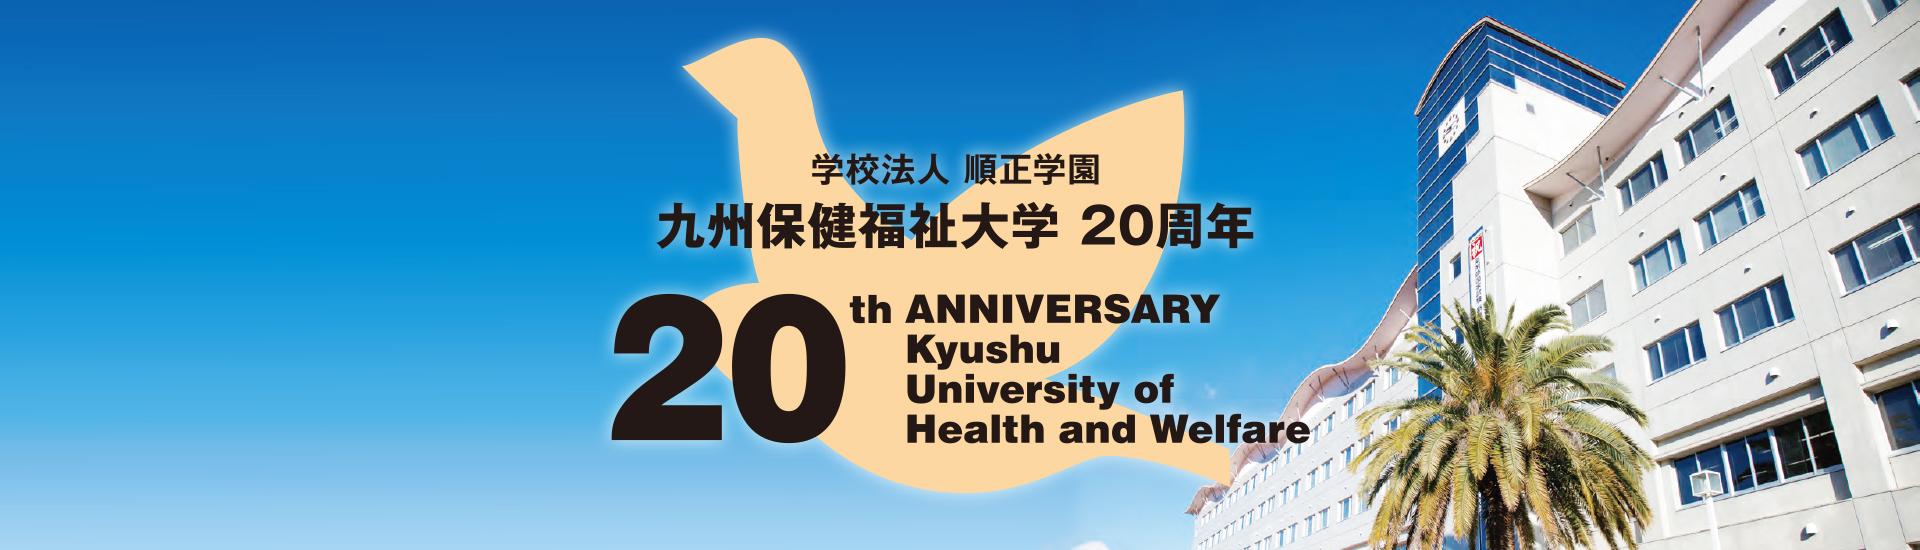 九州保健福祉大学20周年記念事業